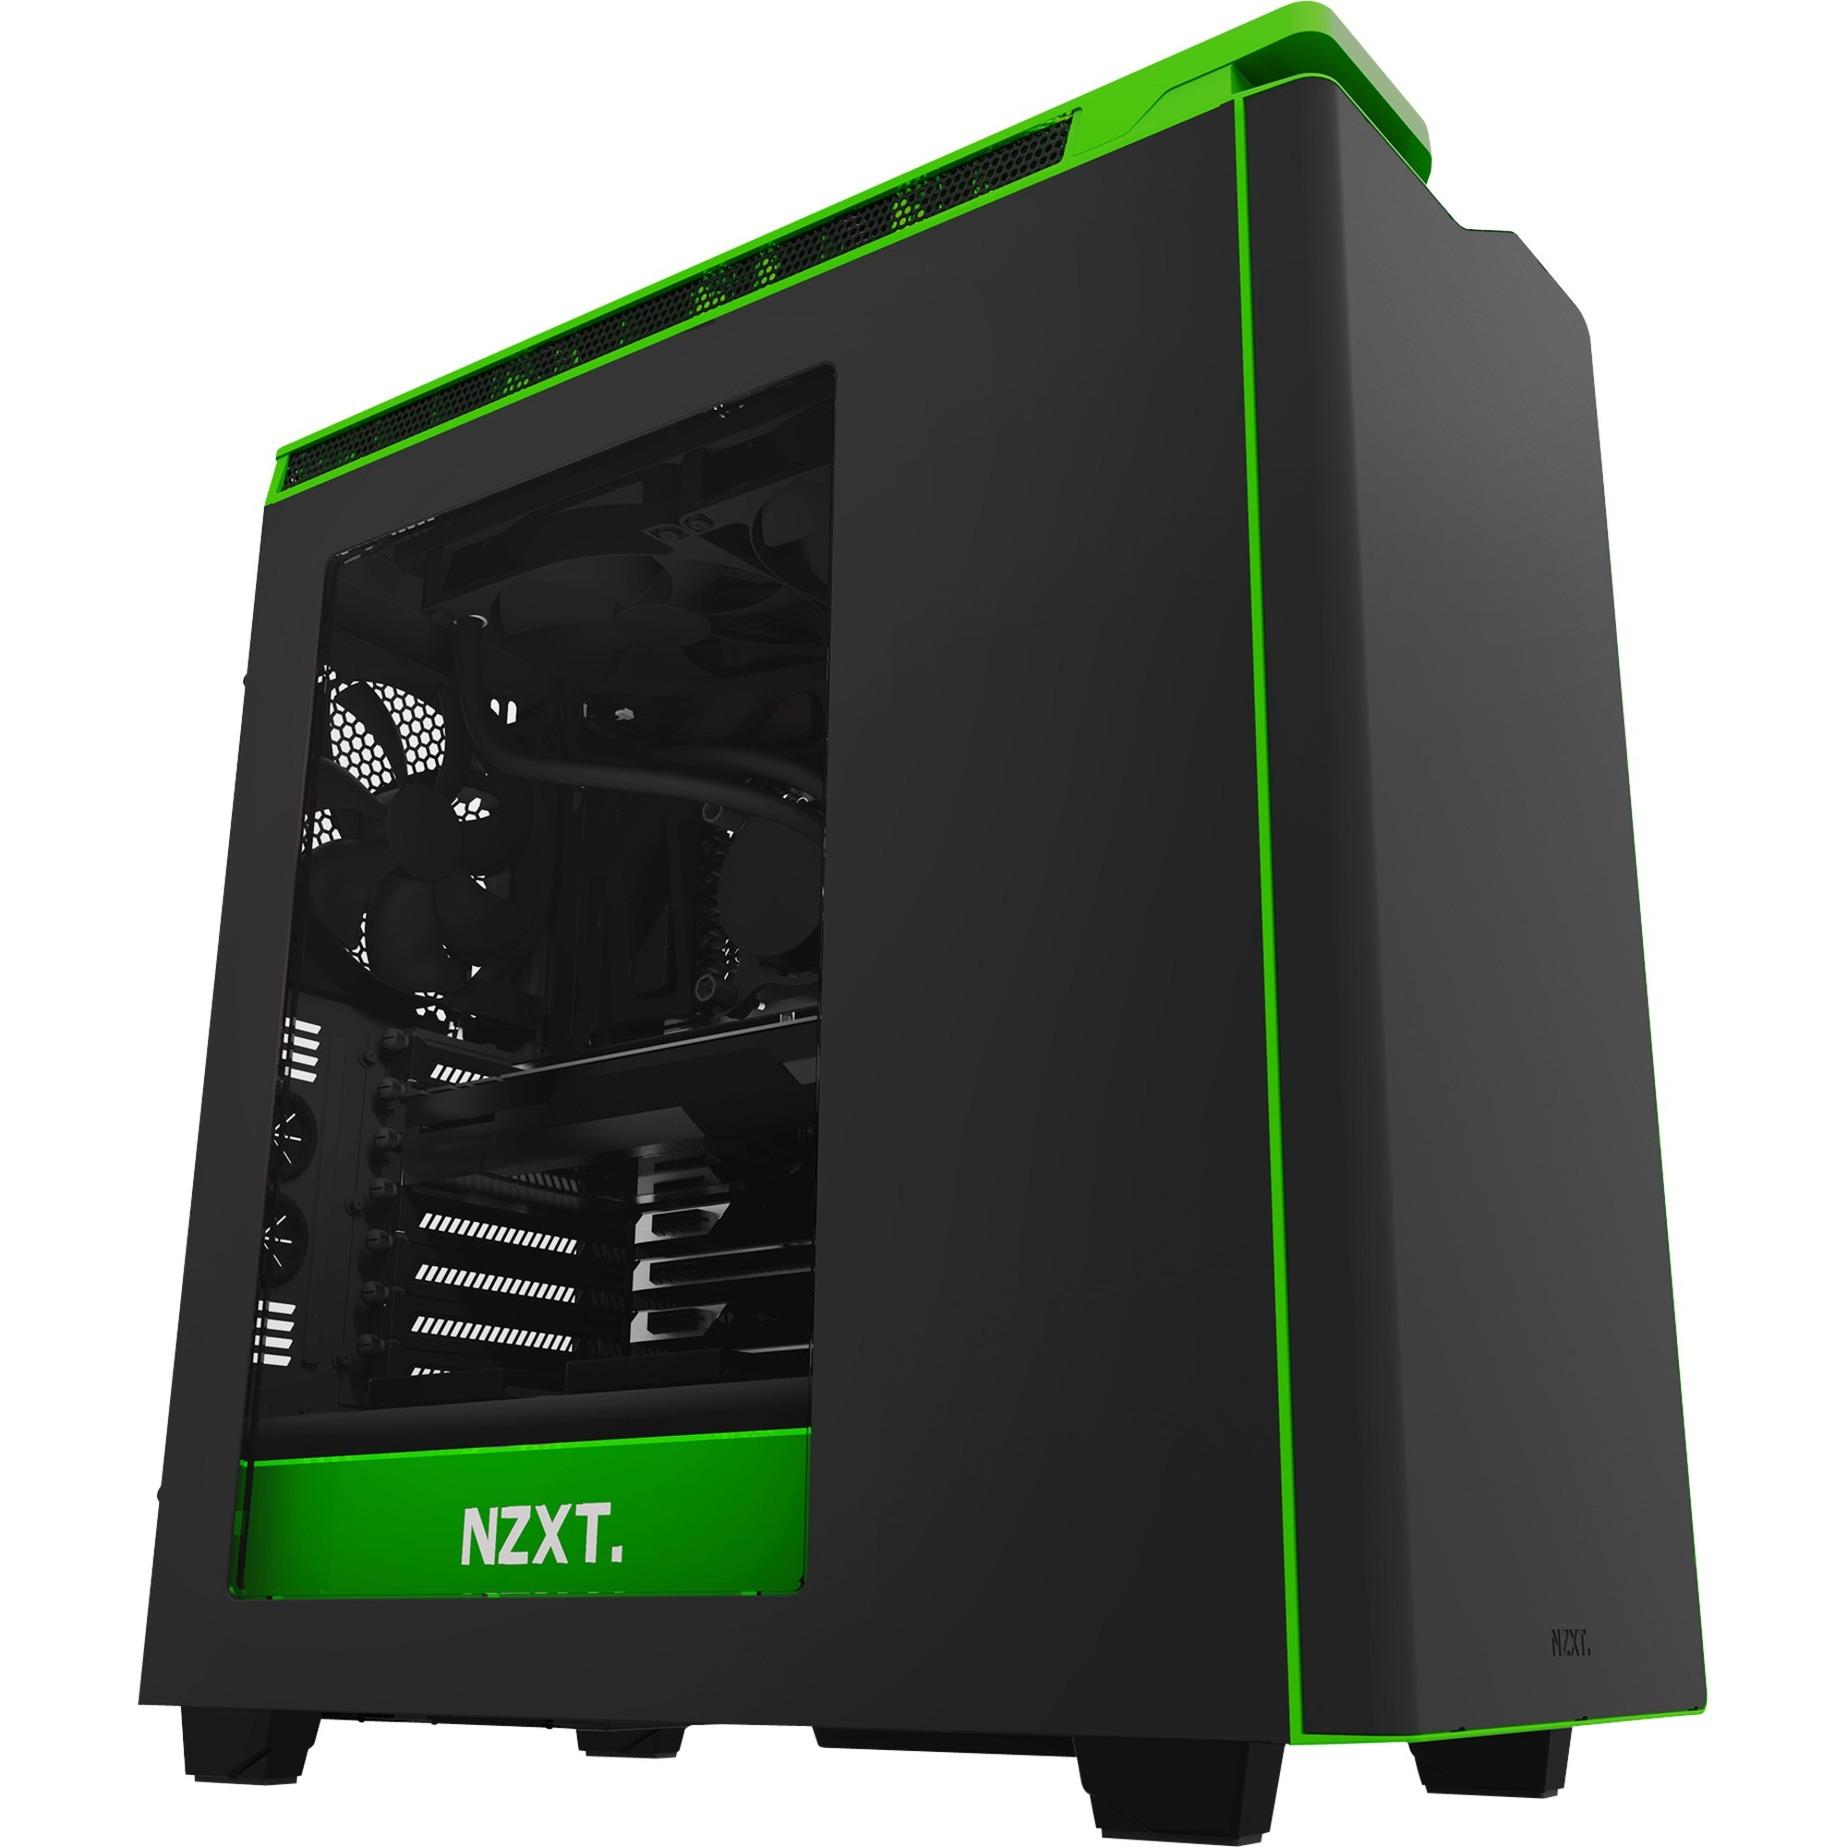 CA-H442W-M9 Midi-Tower Negro, Verde carcasa de ordenador, Cajas de torre